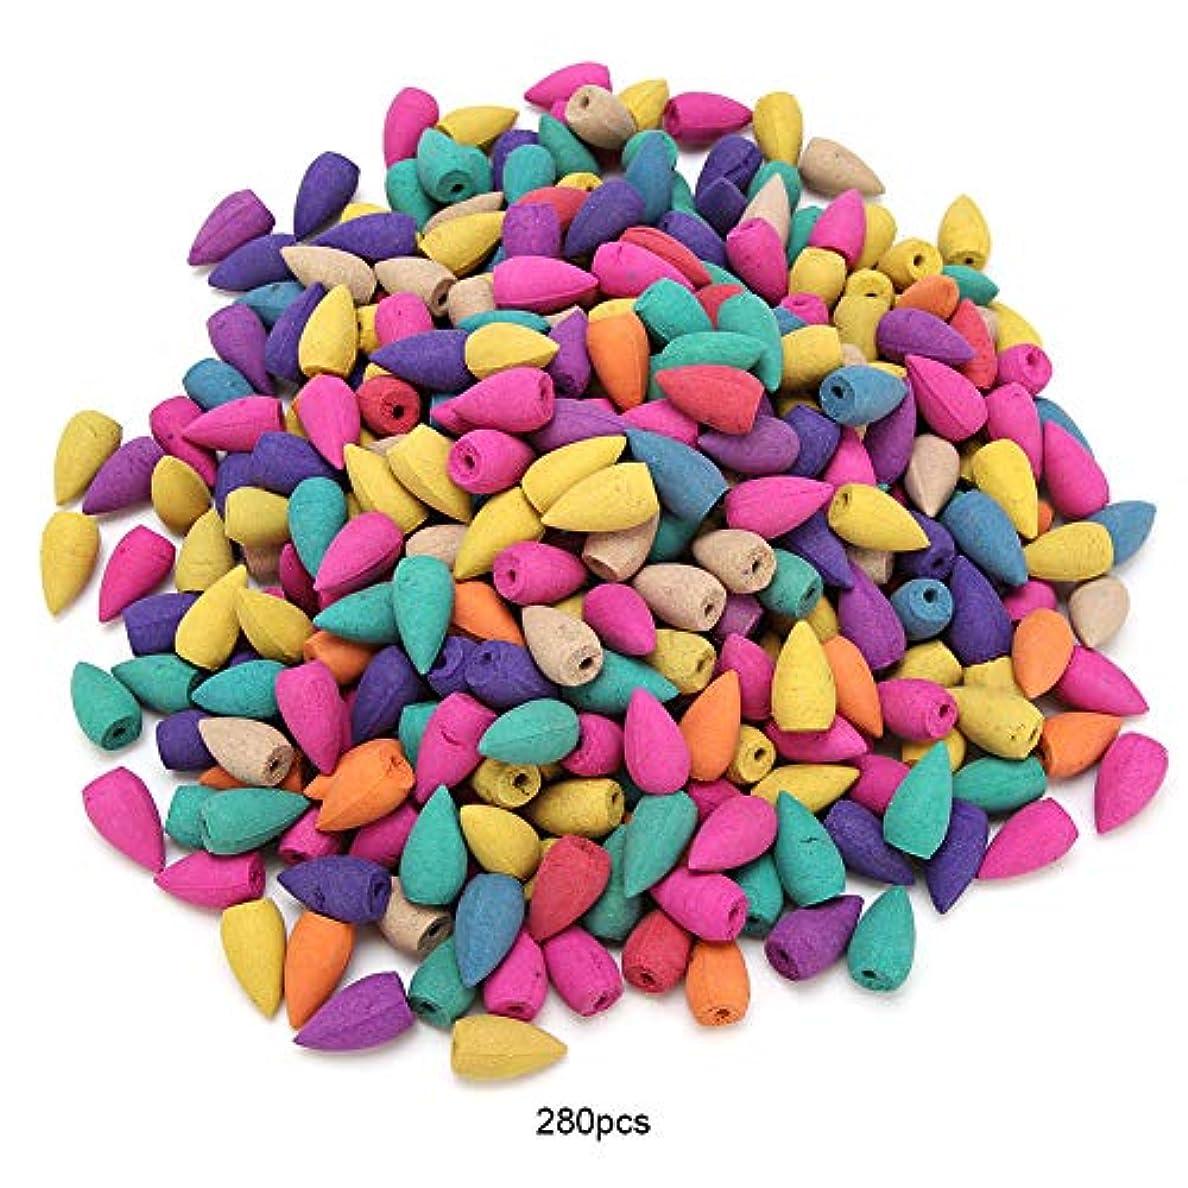 たくさんの提出するセットアップお香 純天然逆流香 アロマティック 線香立お線香用 円錐形 280粒